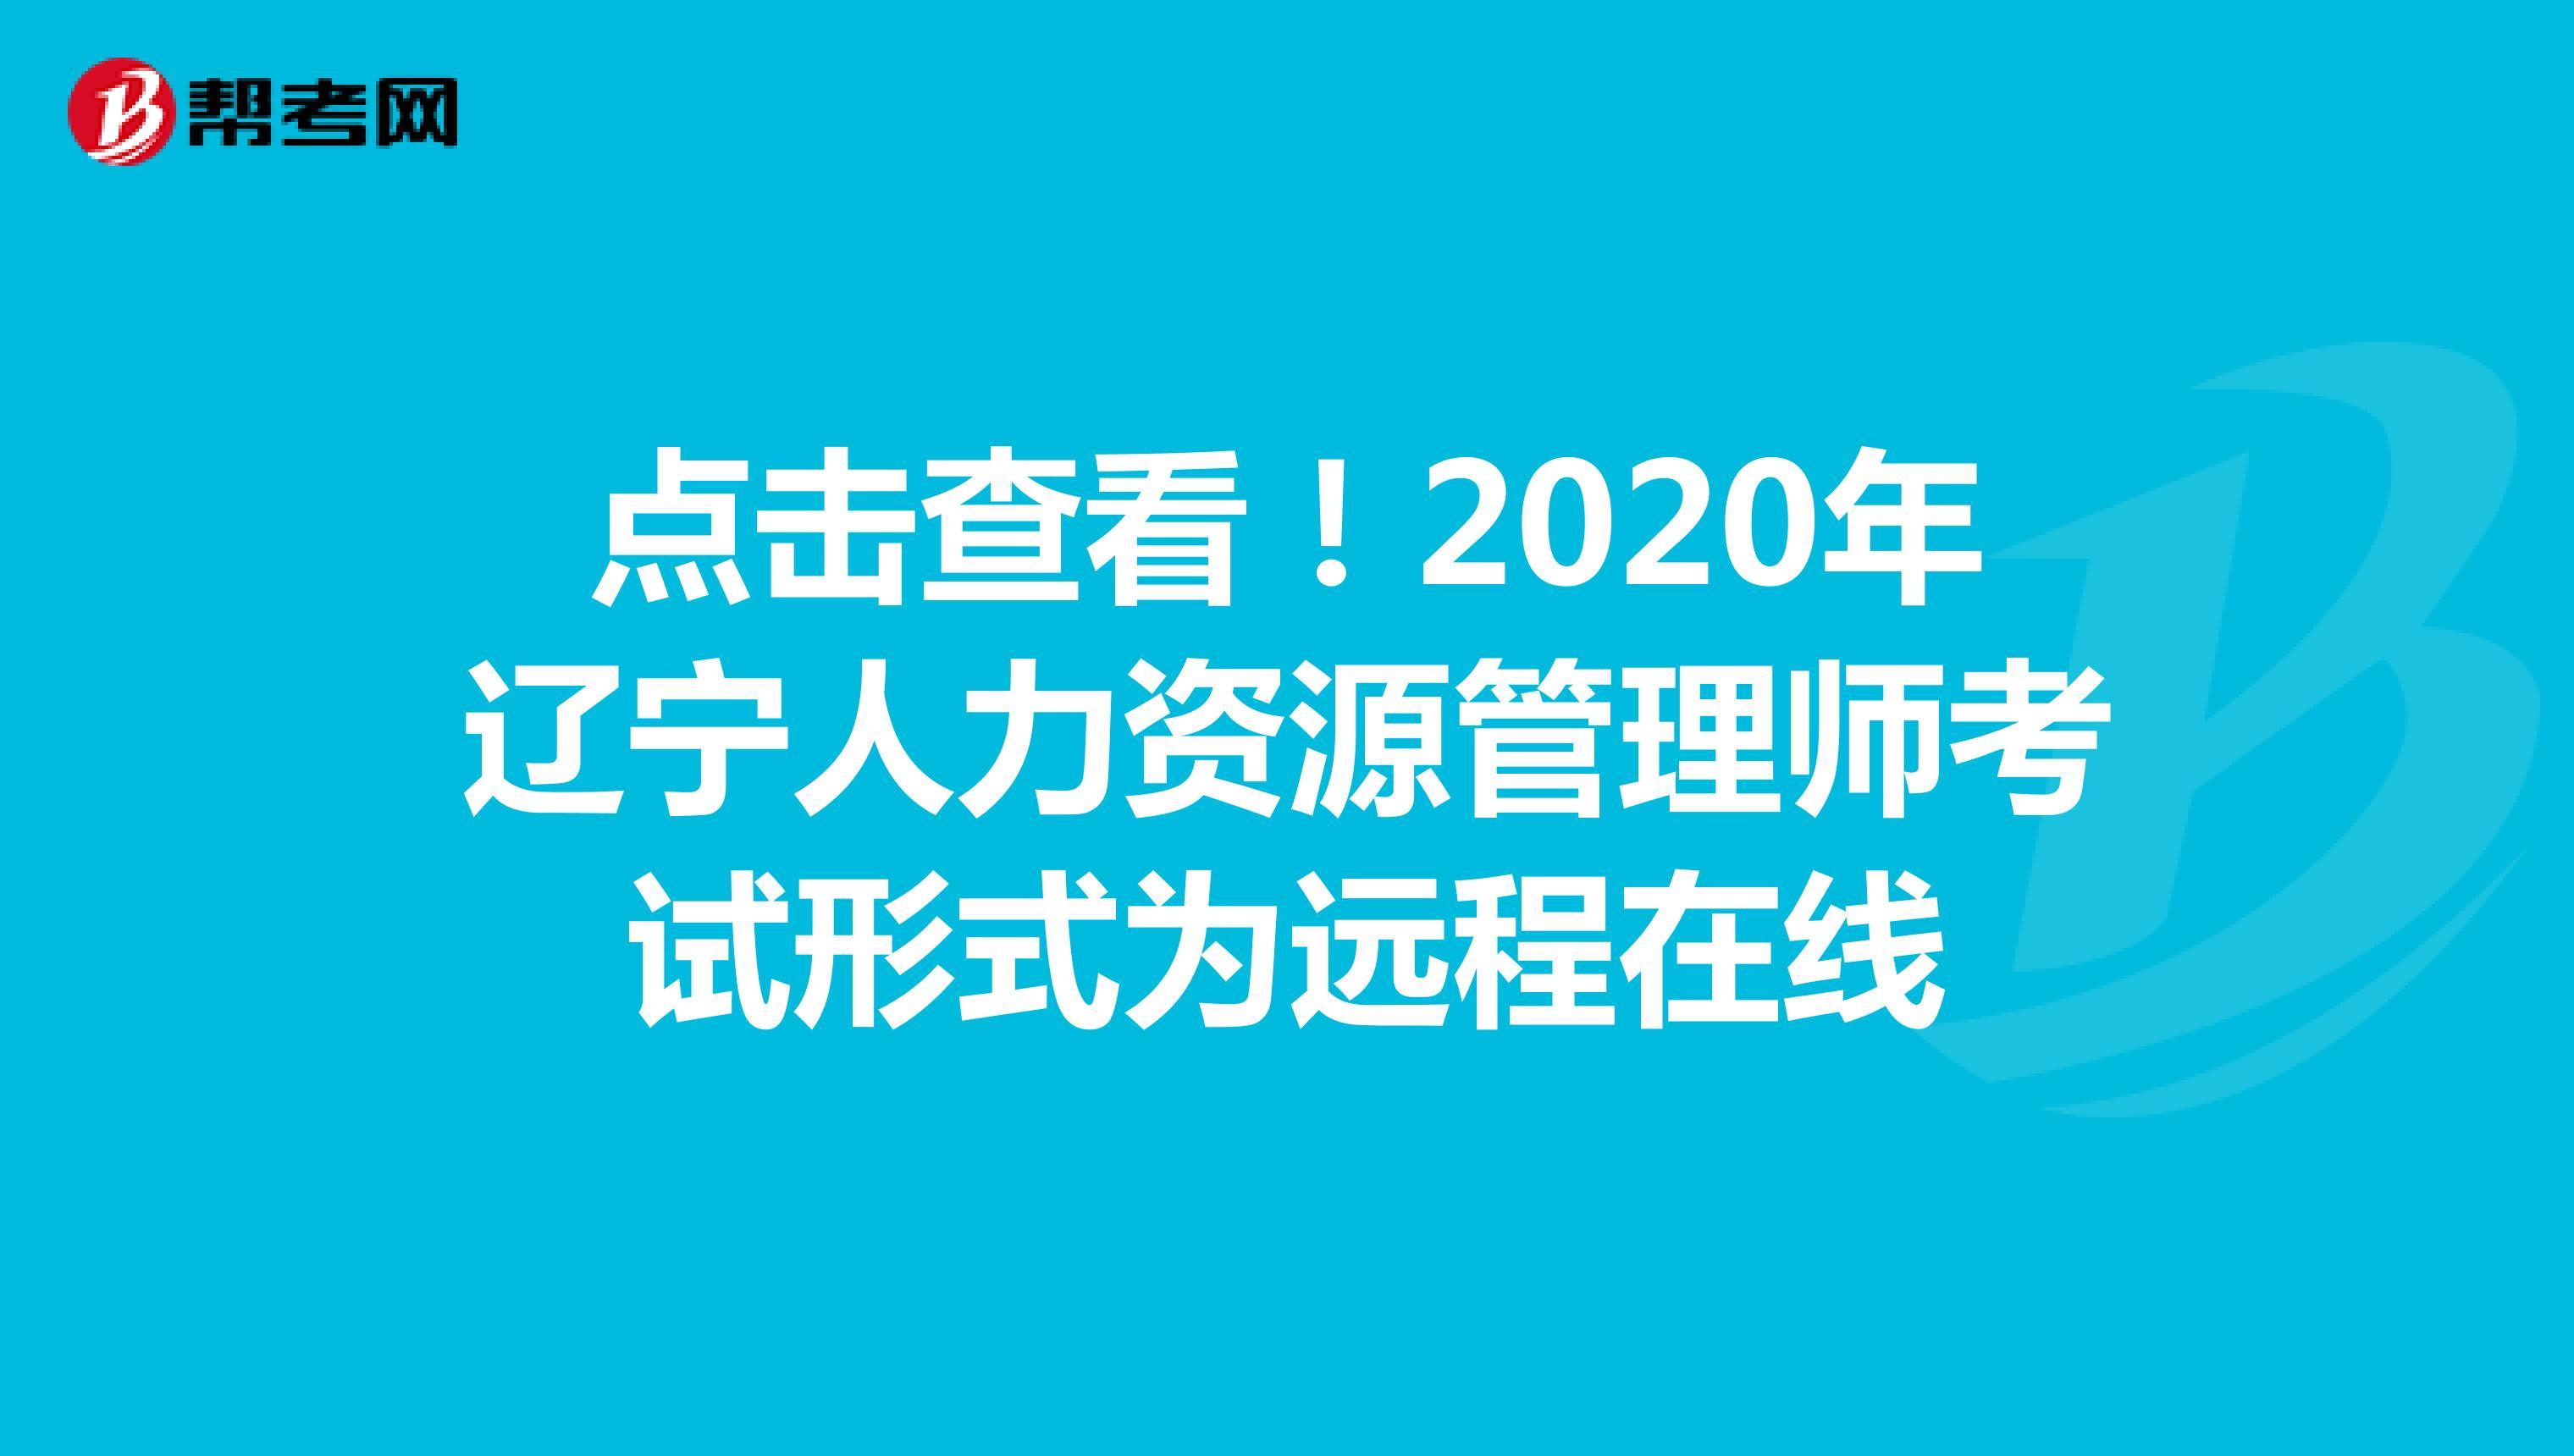 点击查看!2020年辽宁人力资源管理师考试形式为远程在线